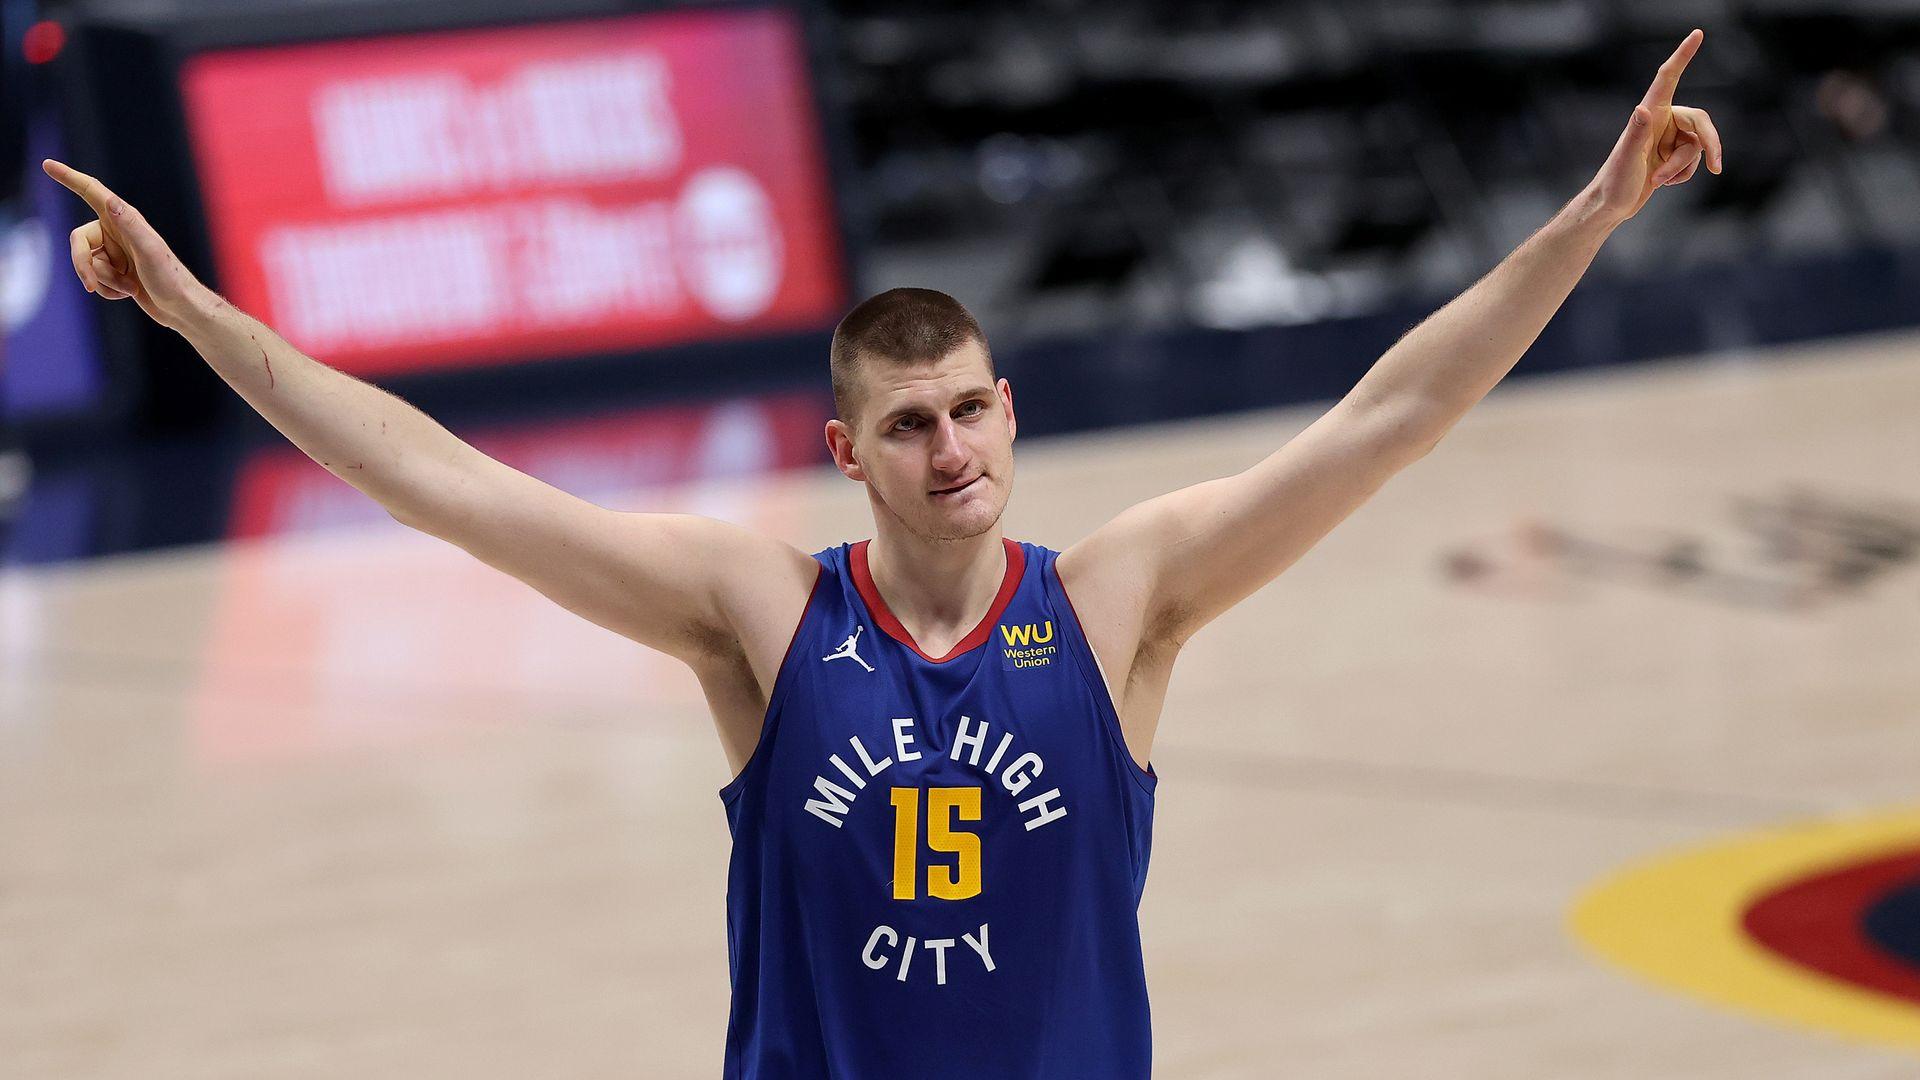 A photo of Nikola Jokic on the basketball court raising his arms in celebration